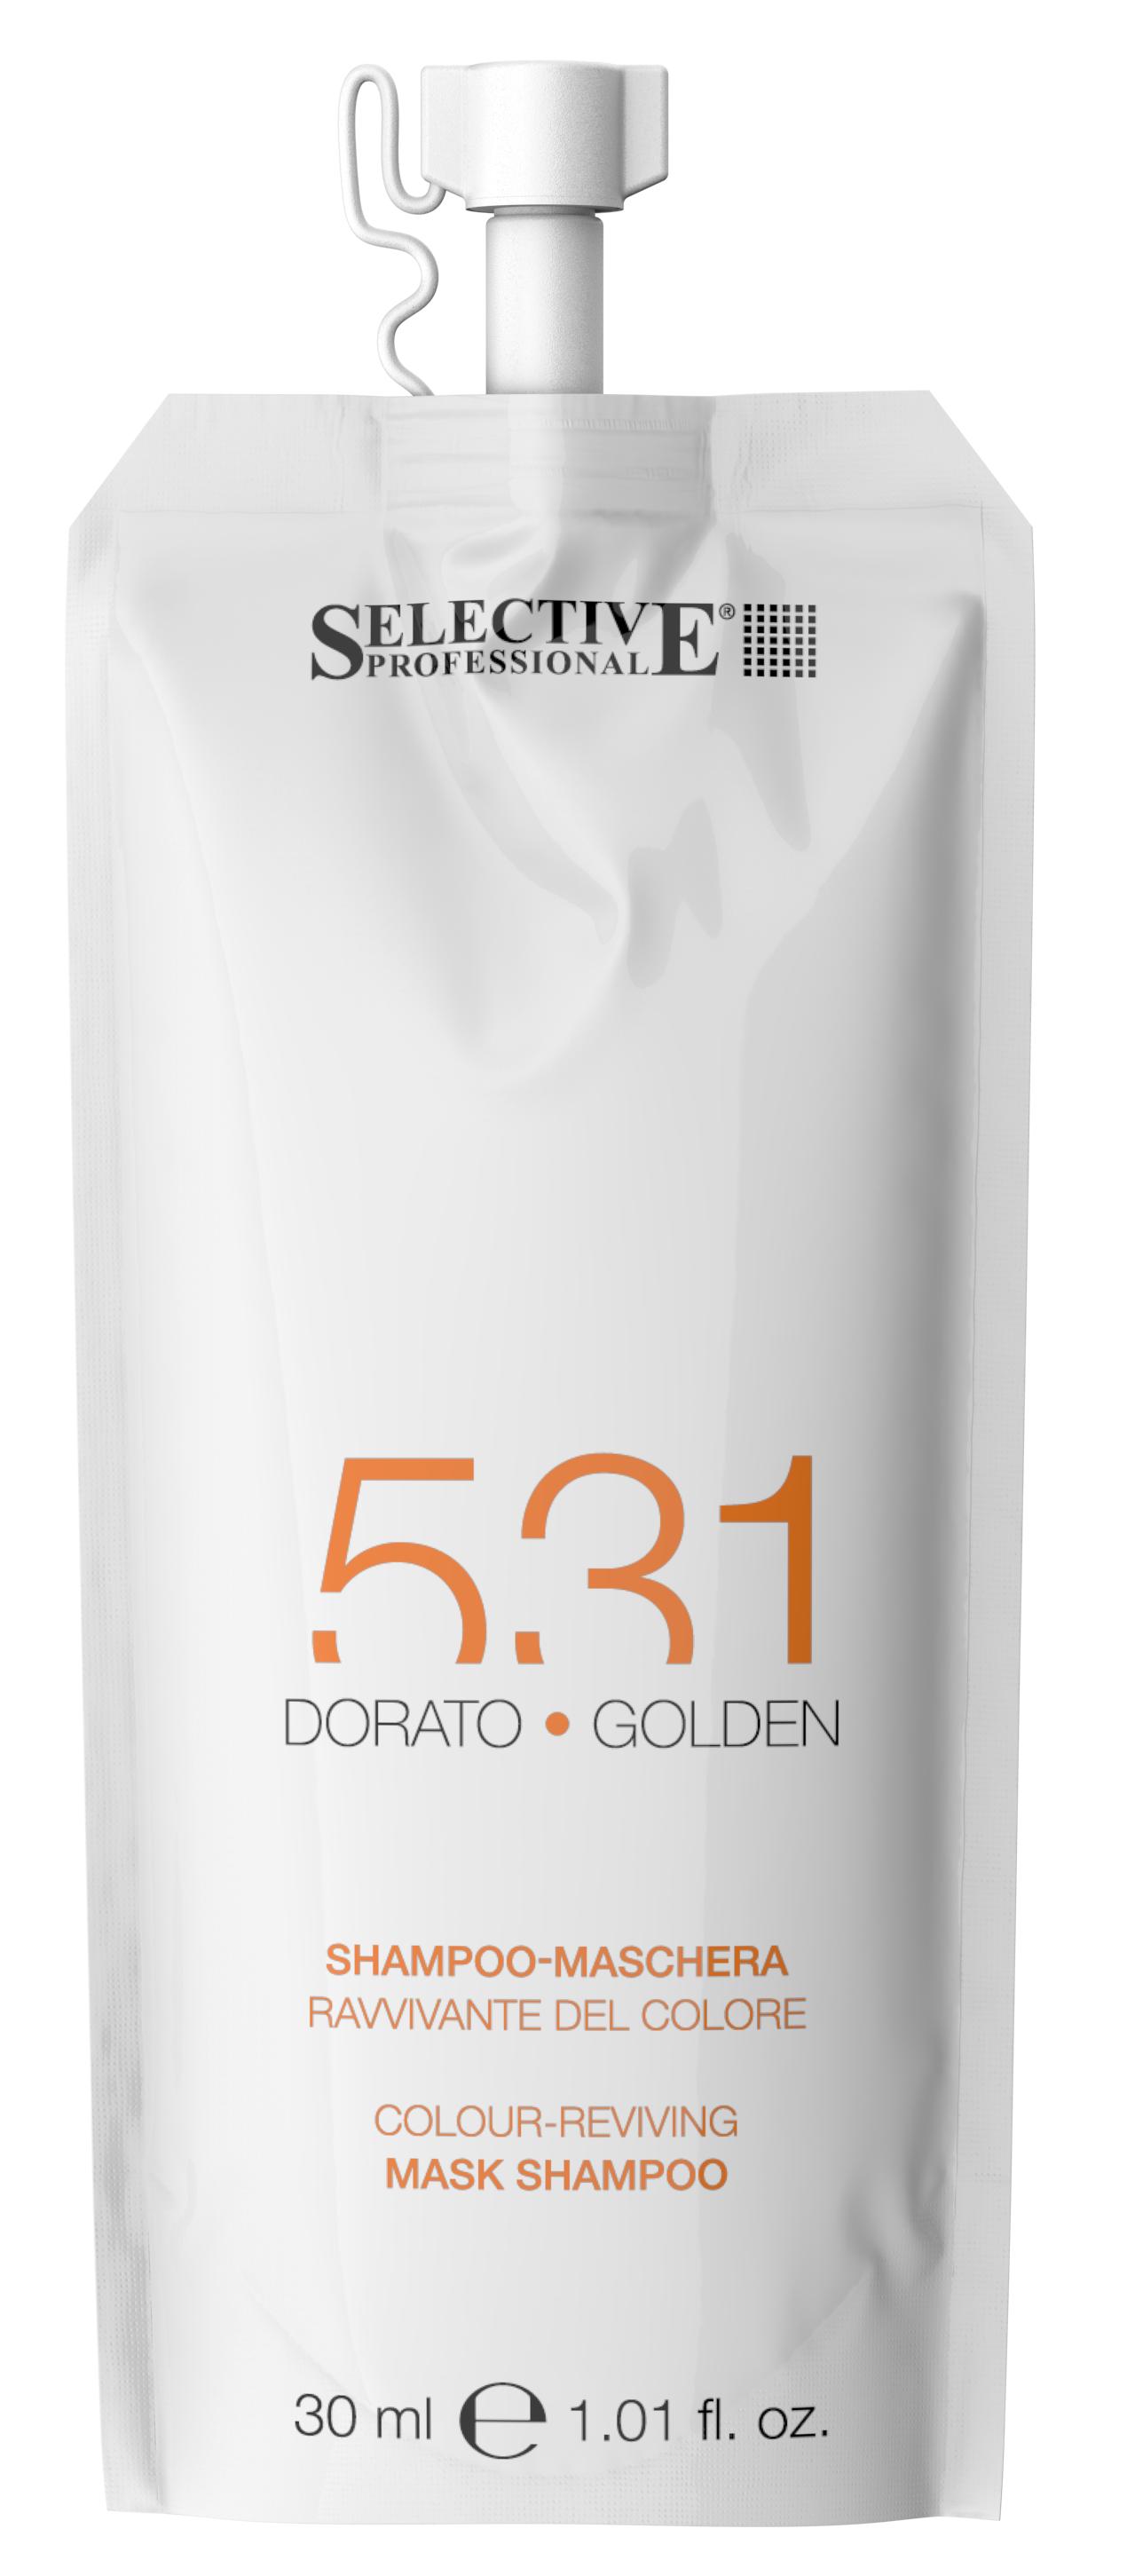 Купить SELECTIVE PROFESSIONAL Шампунь-маска для возобновления цвета волос 531, золотистый 30 мл